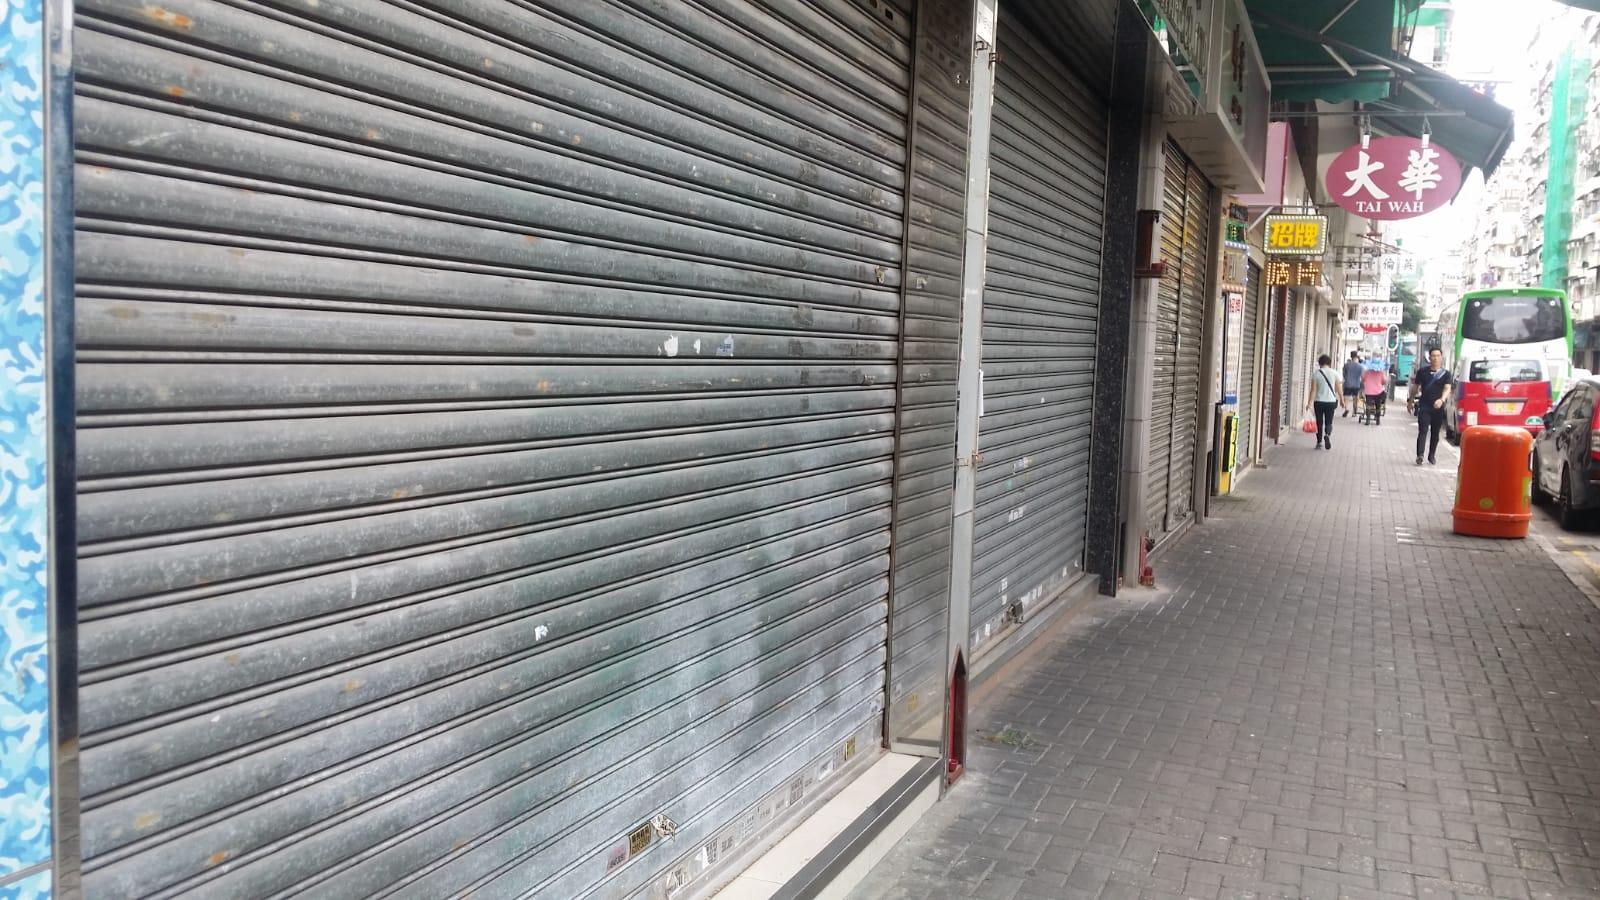 深水埗多條街道上的商鋪早上已落閘,暫停營業。